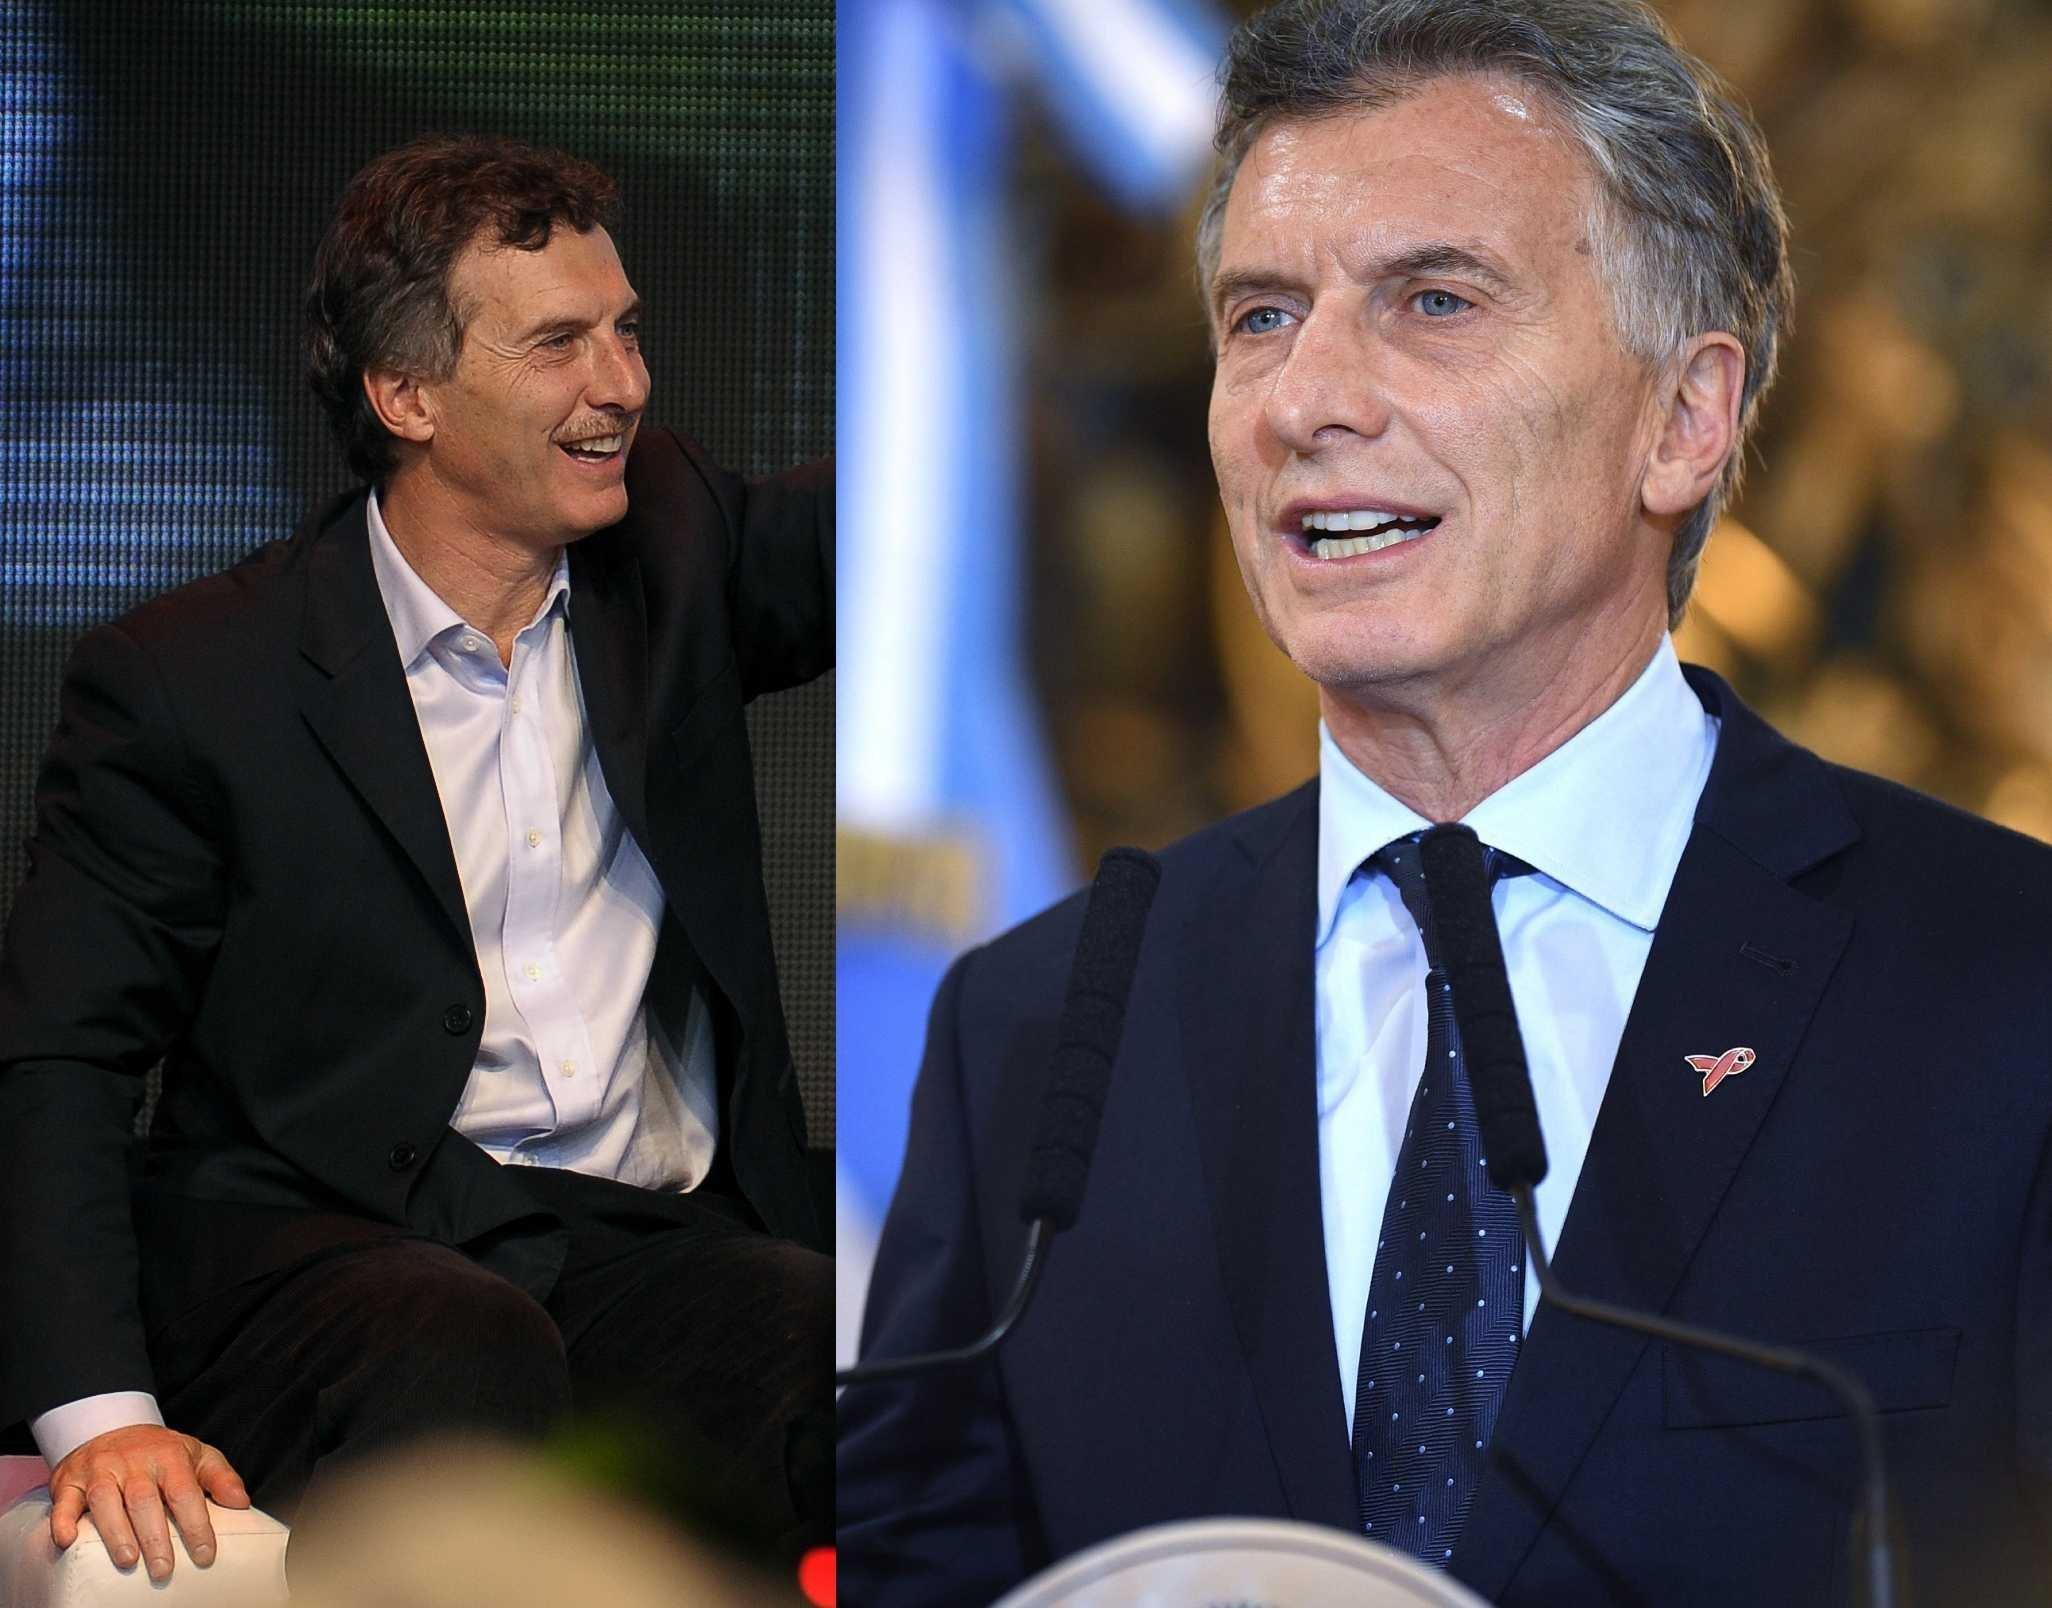 El actual presidente de Argentina, Mauricio Macri, en el 2009 / 2018